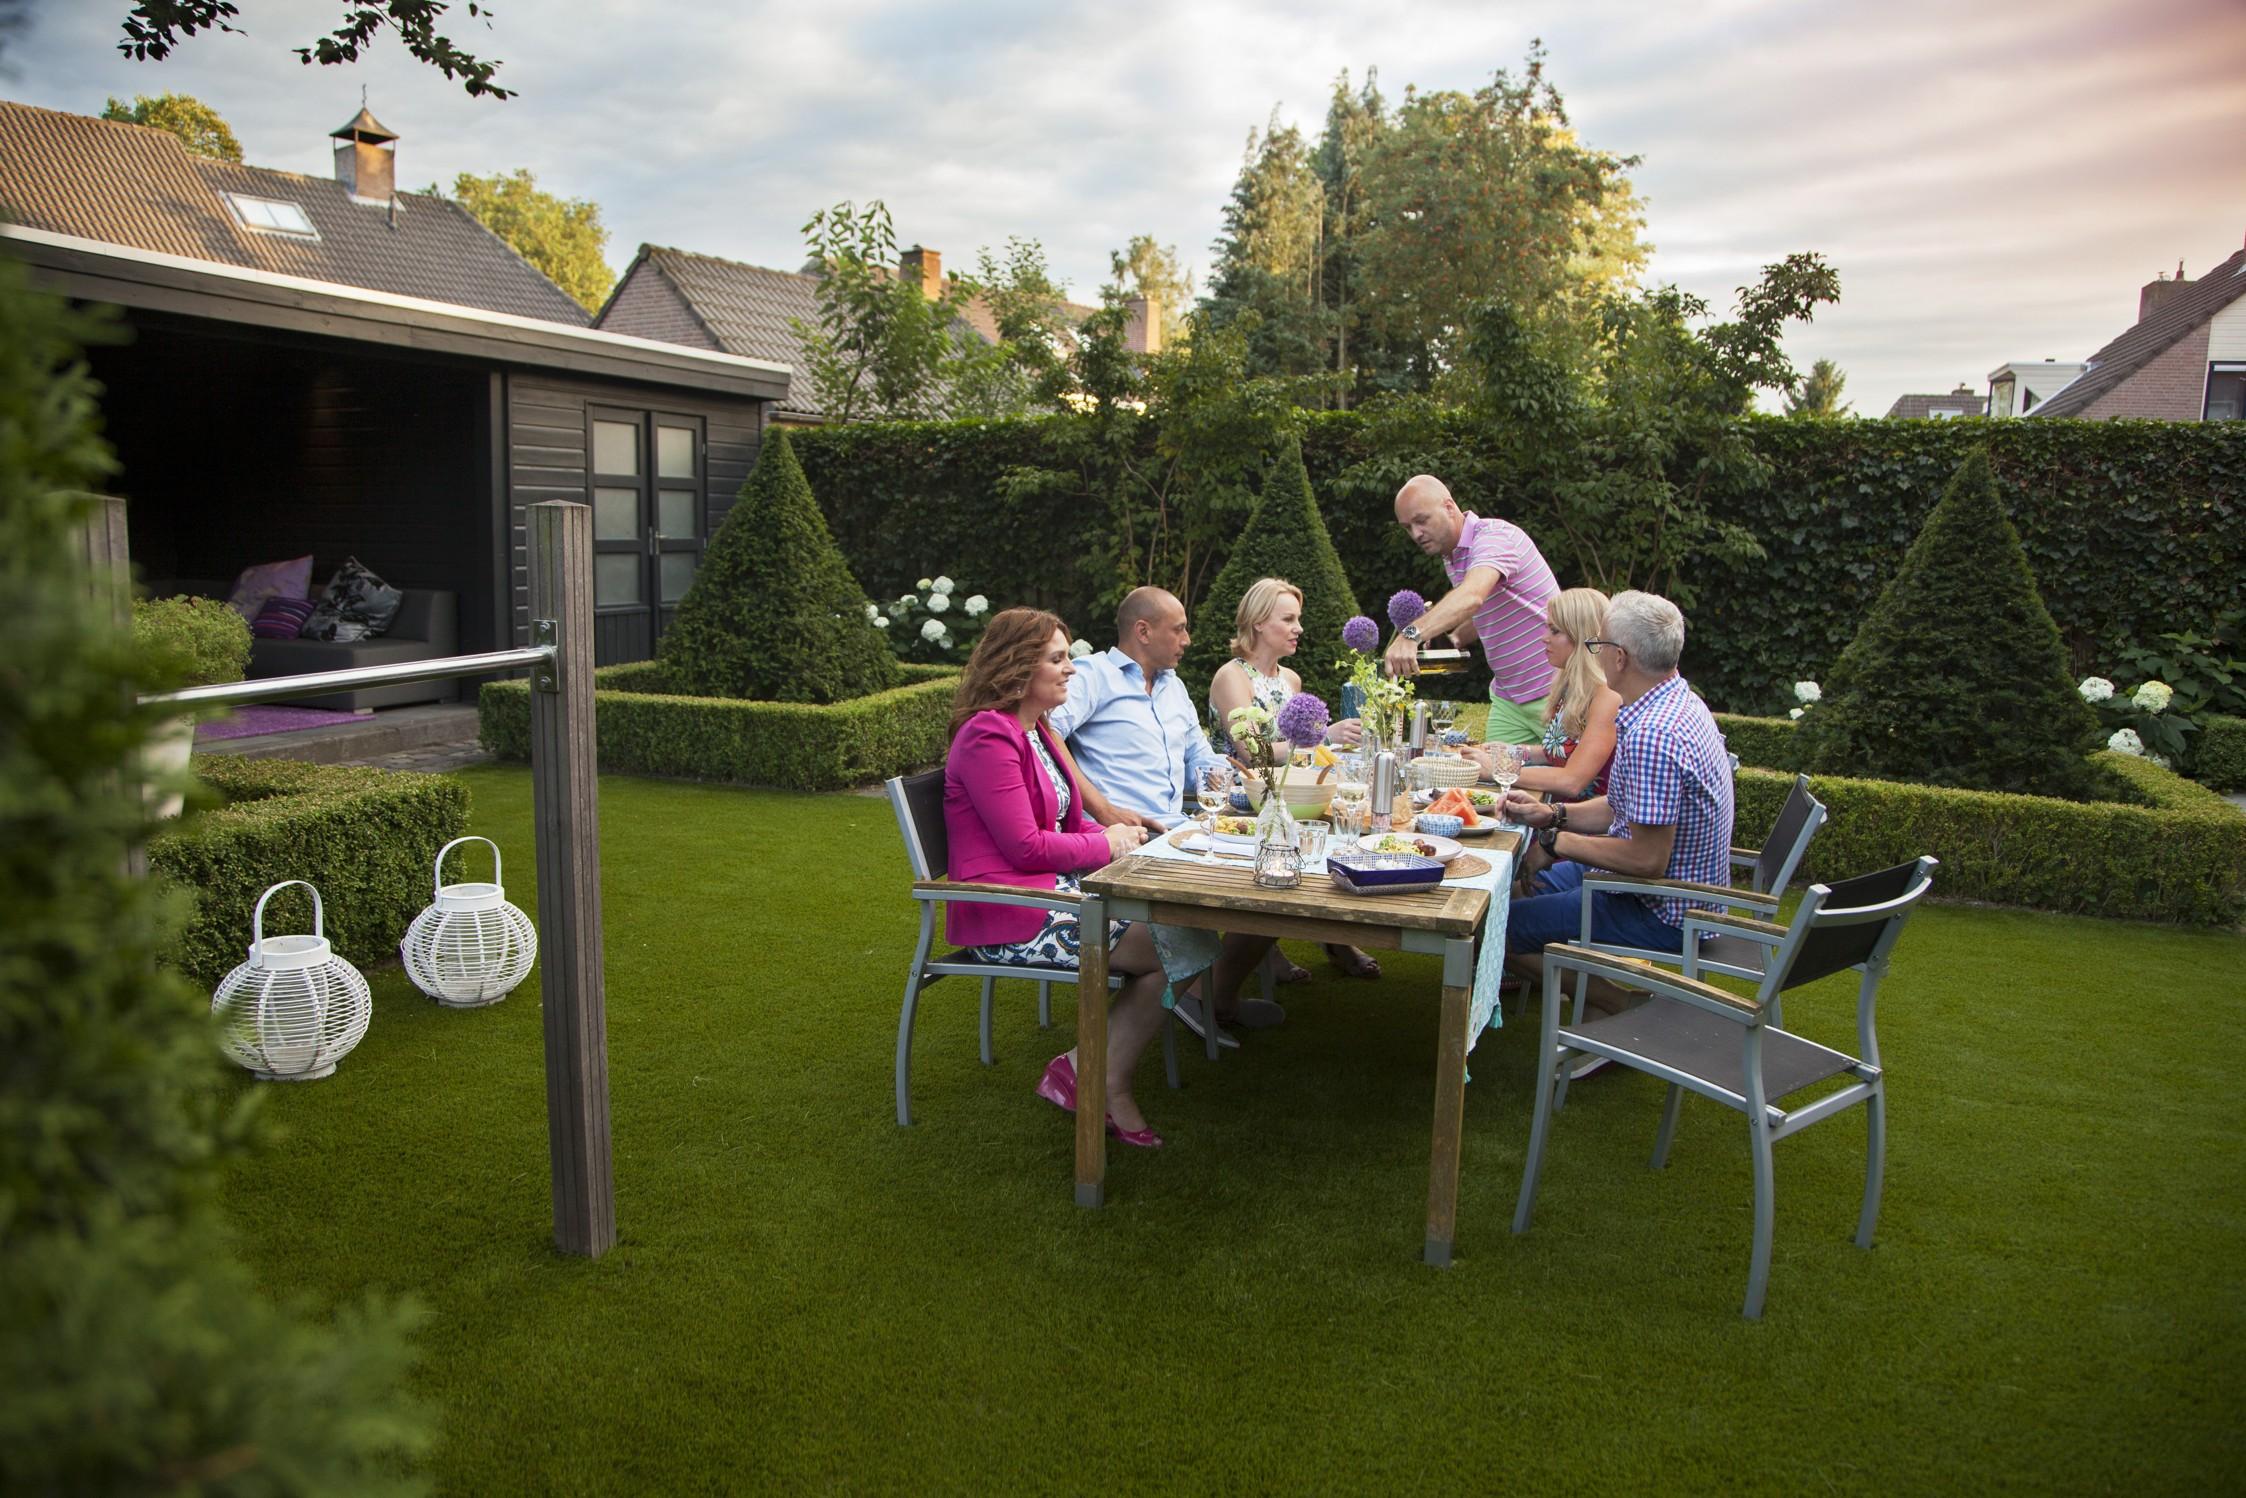 Planen Sie mit uns Ihren Garten!